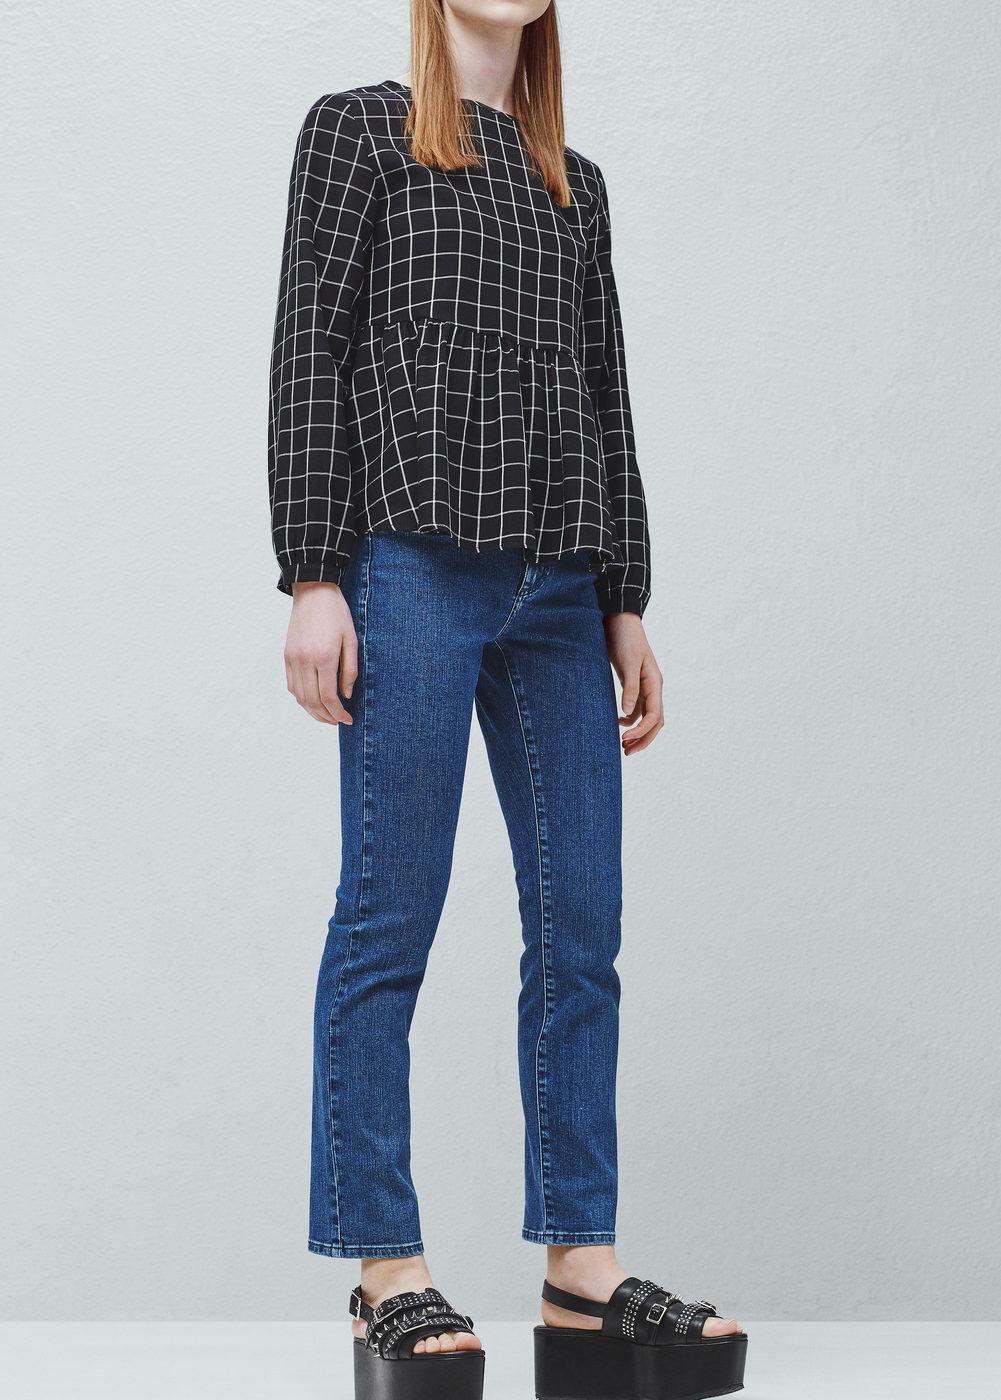 humanlike Jeans high waist Alexa by Mango